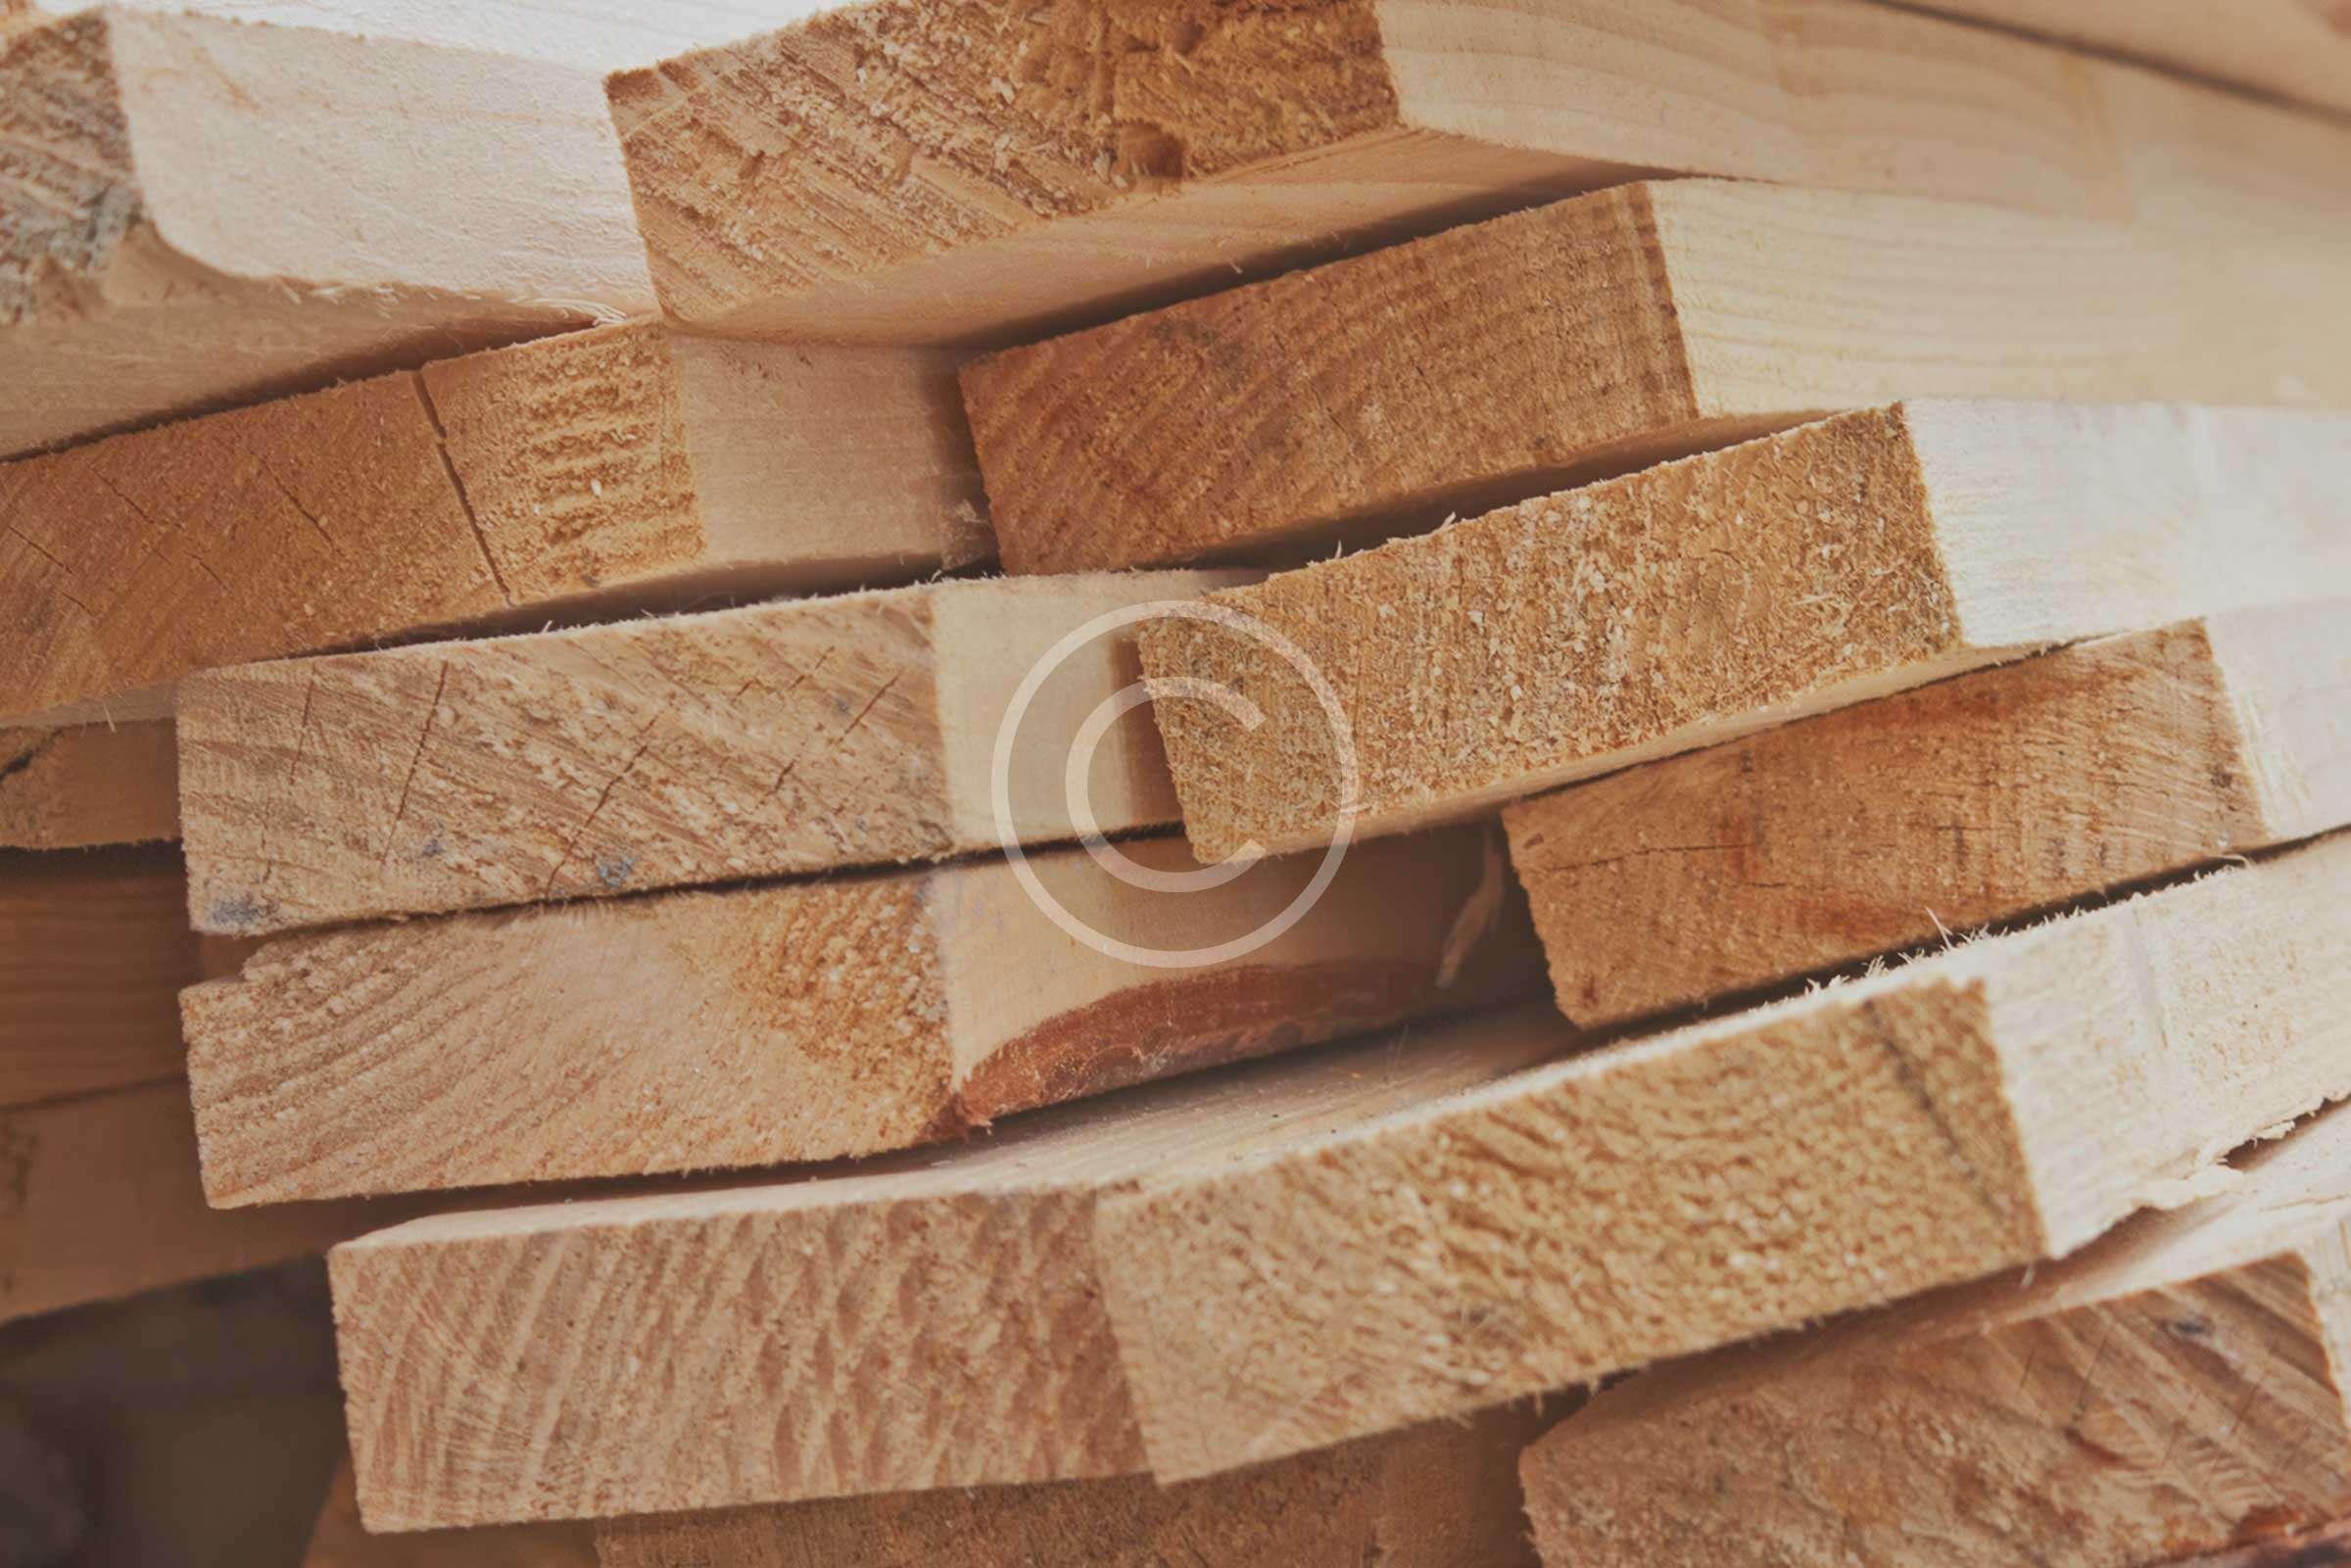 Vente de bois en gros et au d tail vente de bois en for Vente bois flotte gros